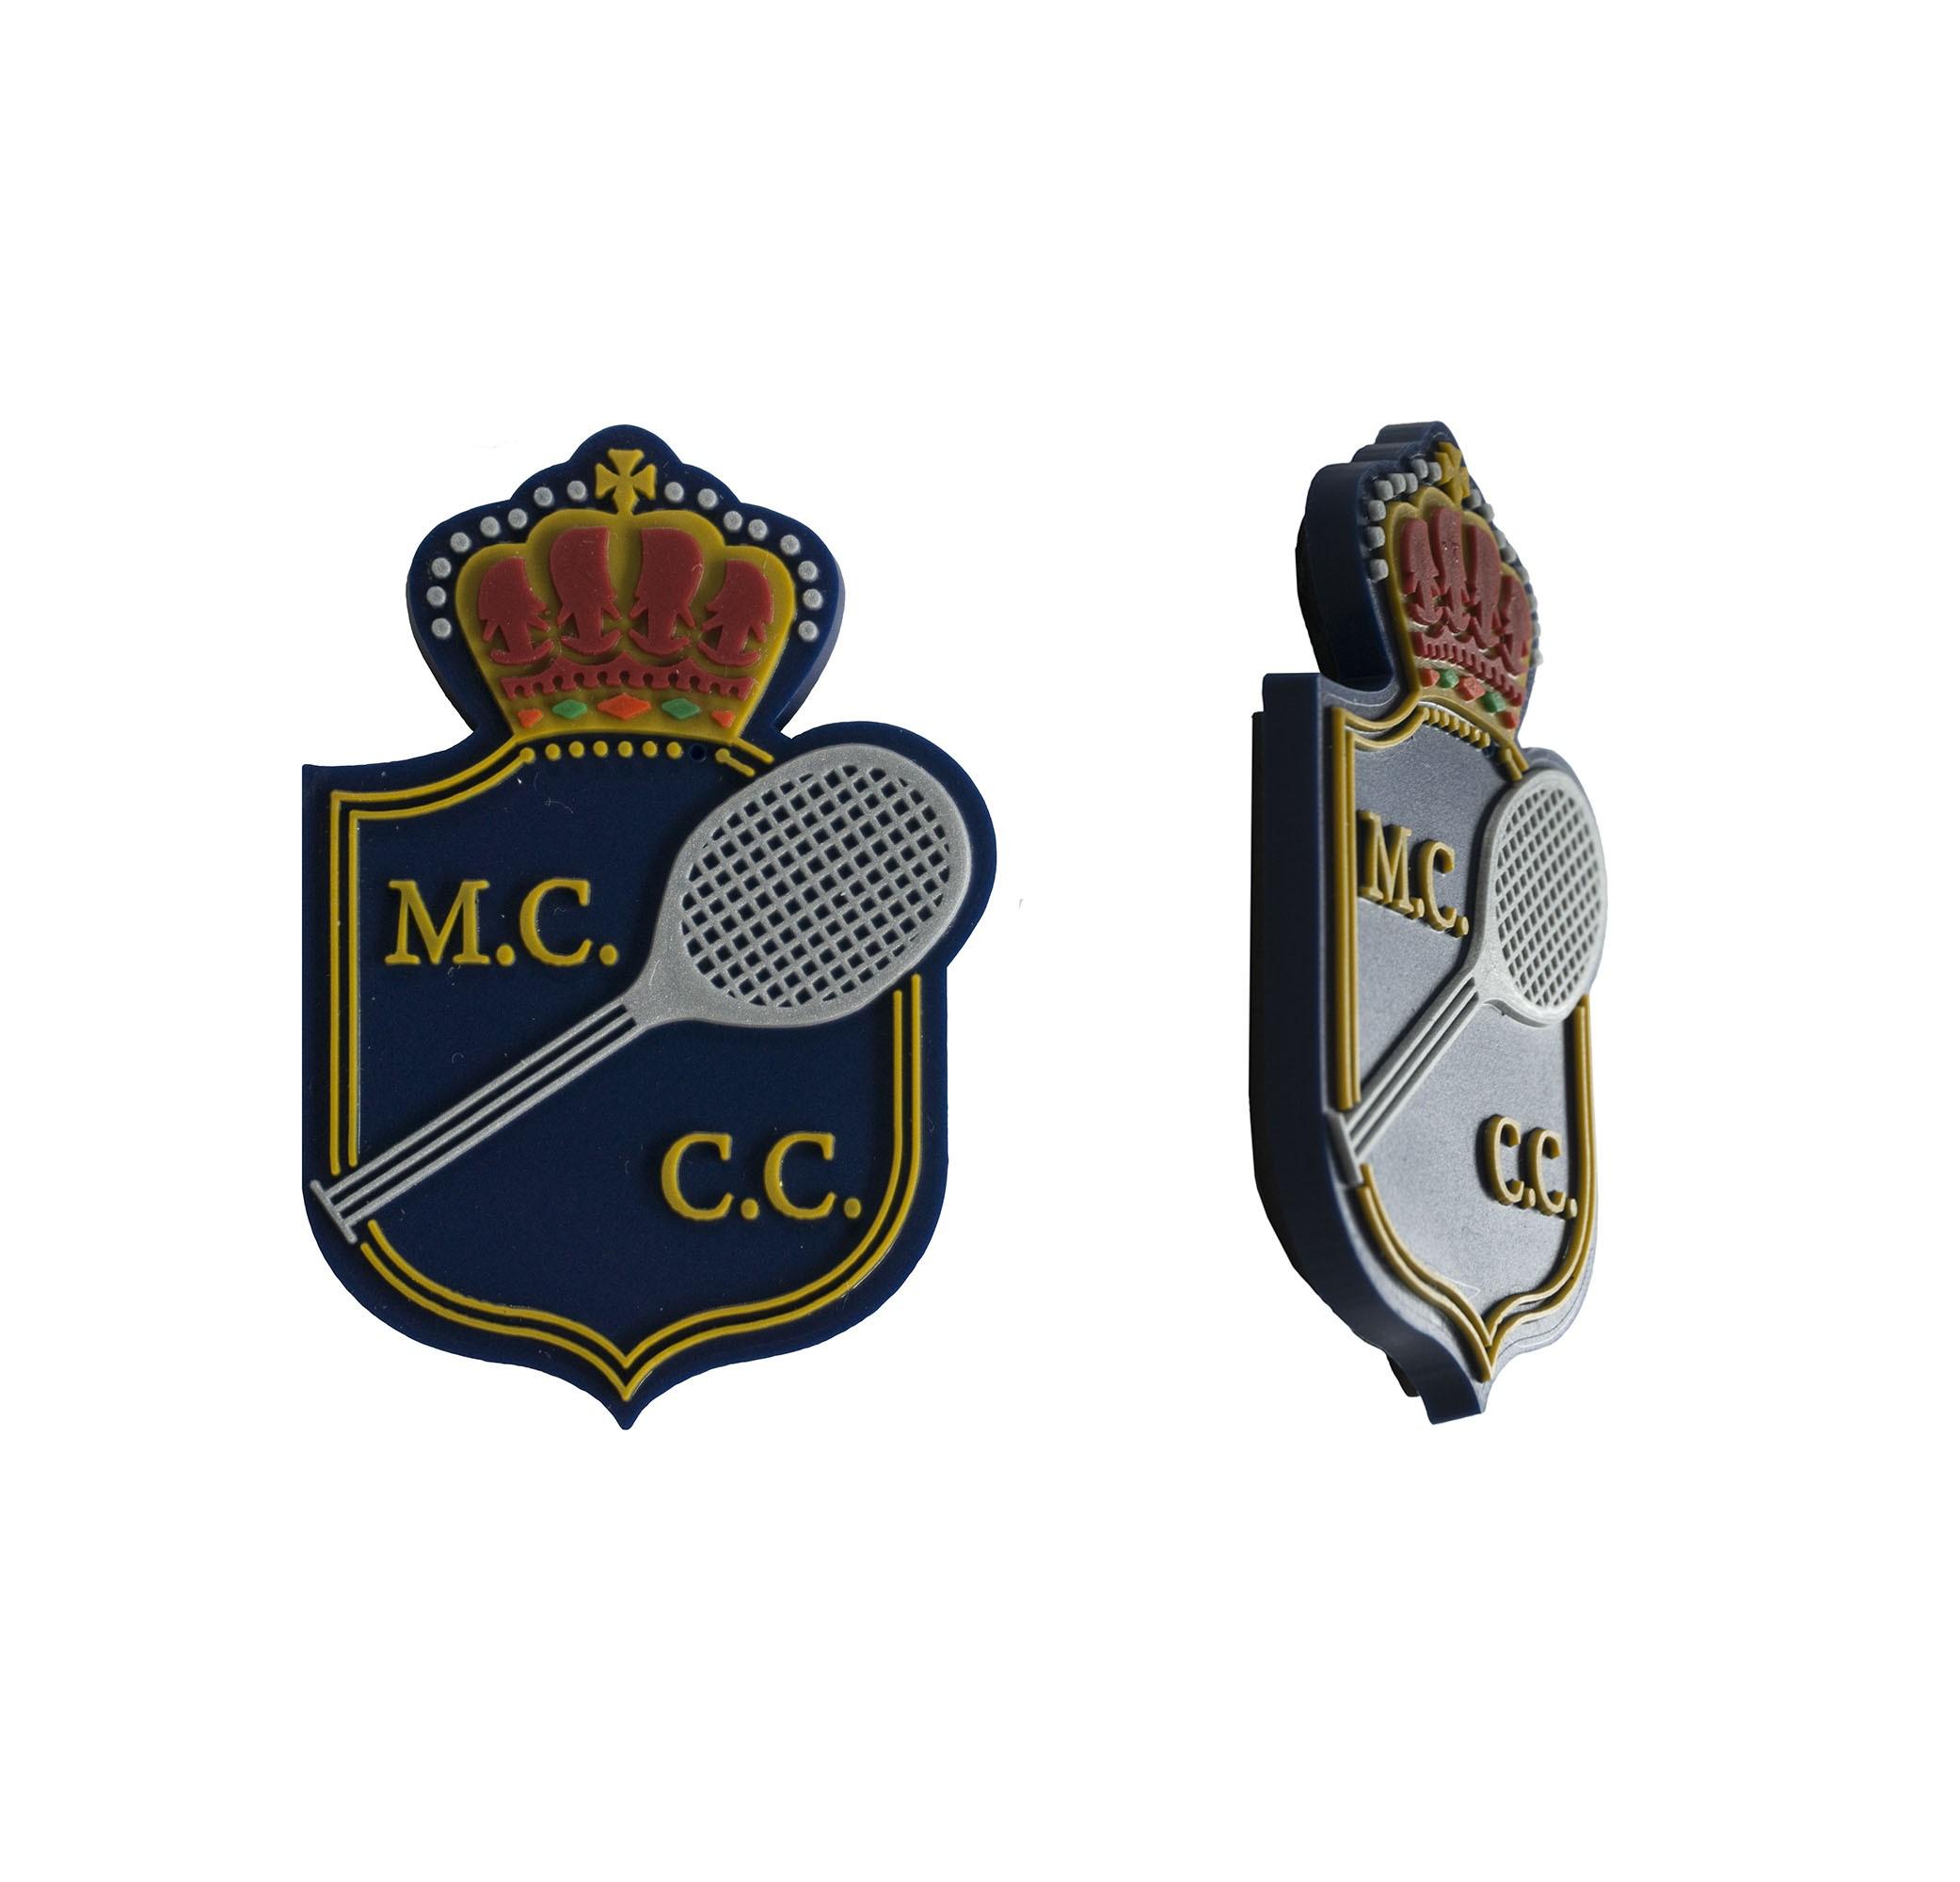 MAGNETE IN SILICONE M.C.C.C.